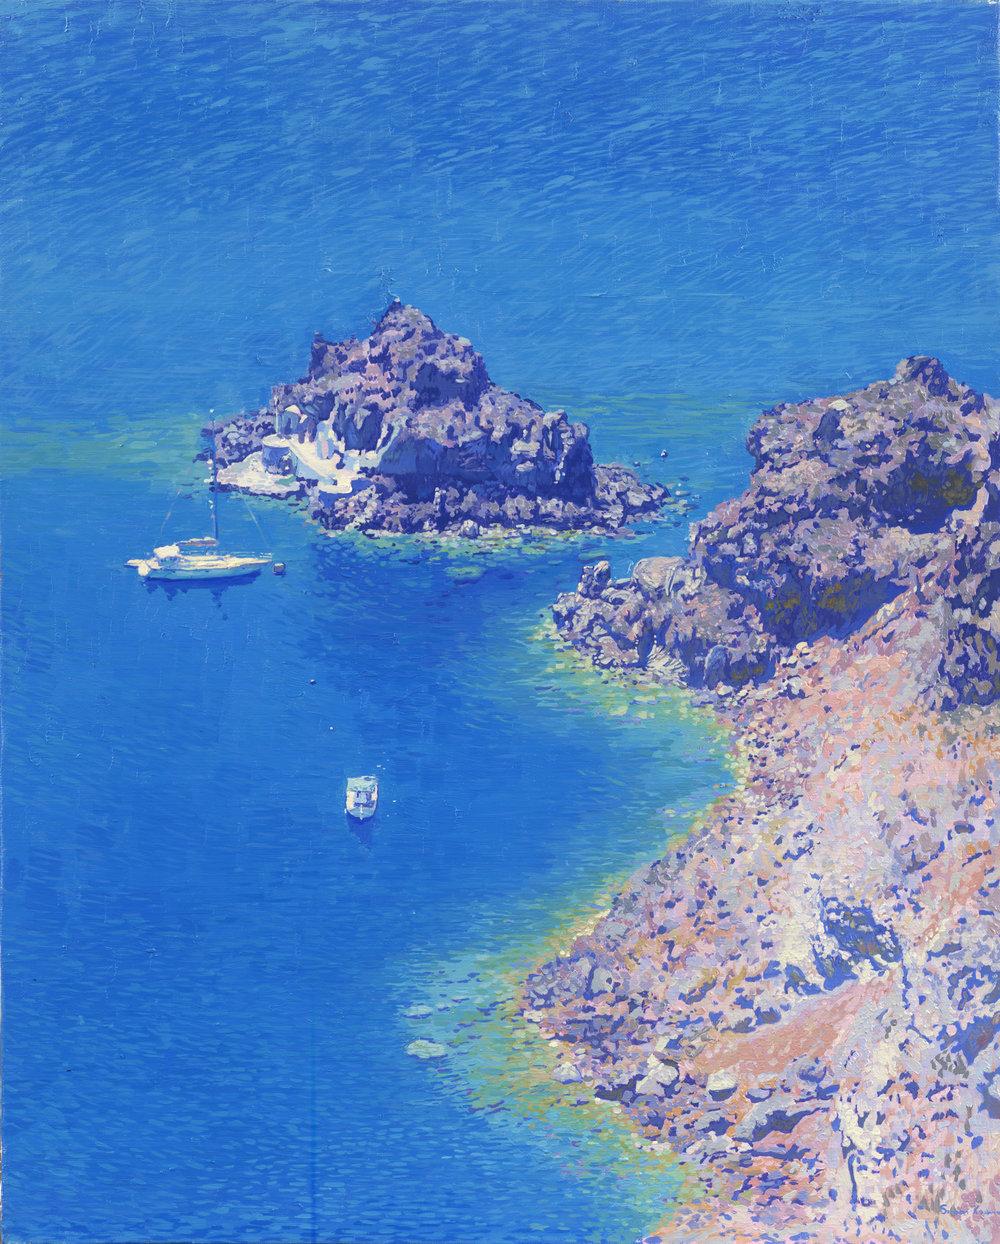 HARBOR. SANTORINI ISLAND, OIL ON CANVAS - 60X48 CM